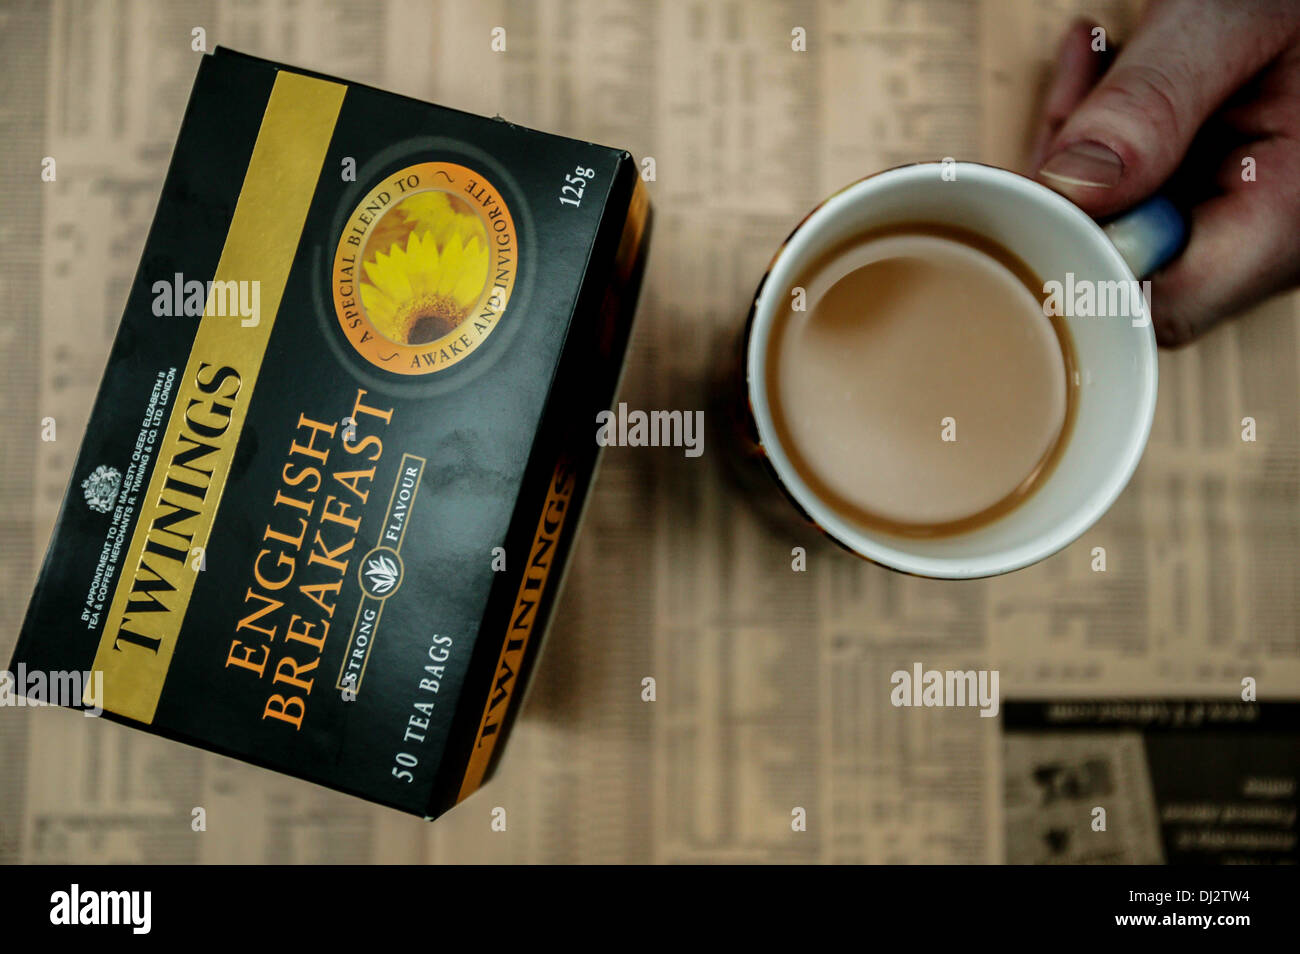 Anschauliches Bild von Twinings Tee; ein Produkt von Lebensmitteln AB. Stockbild